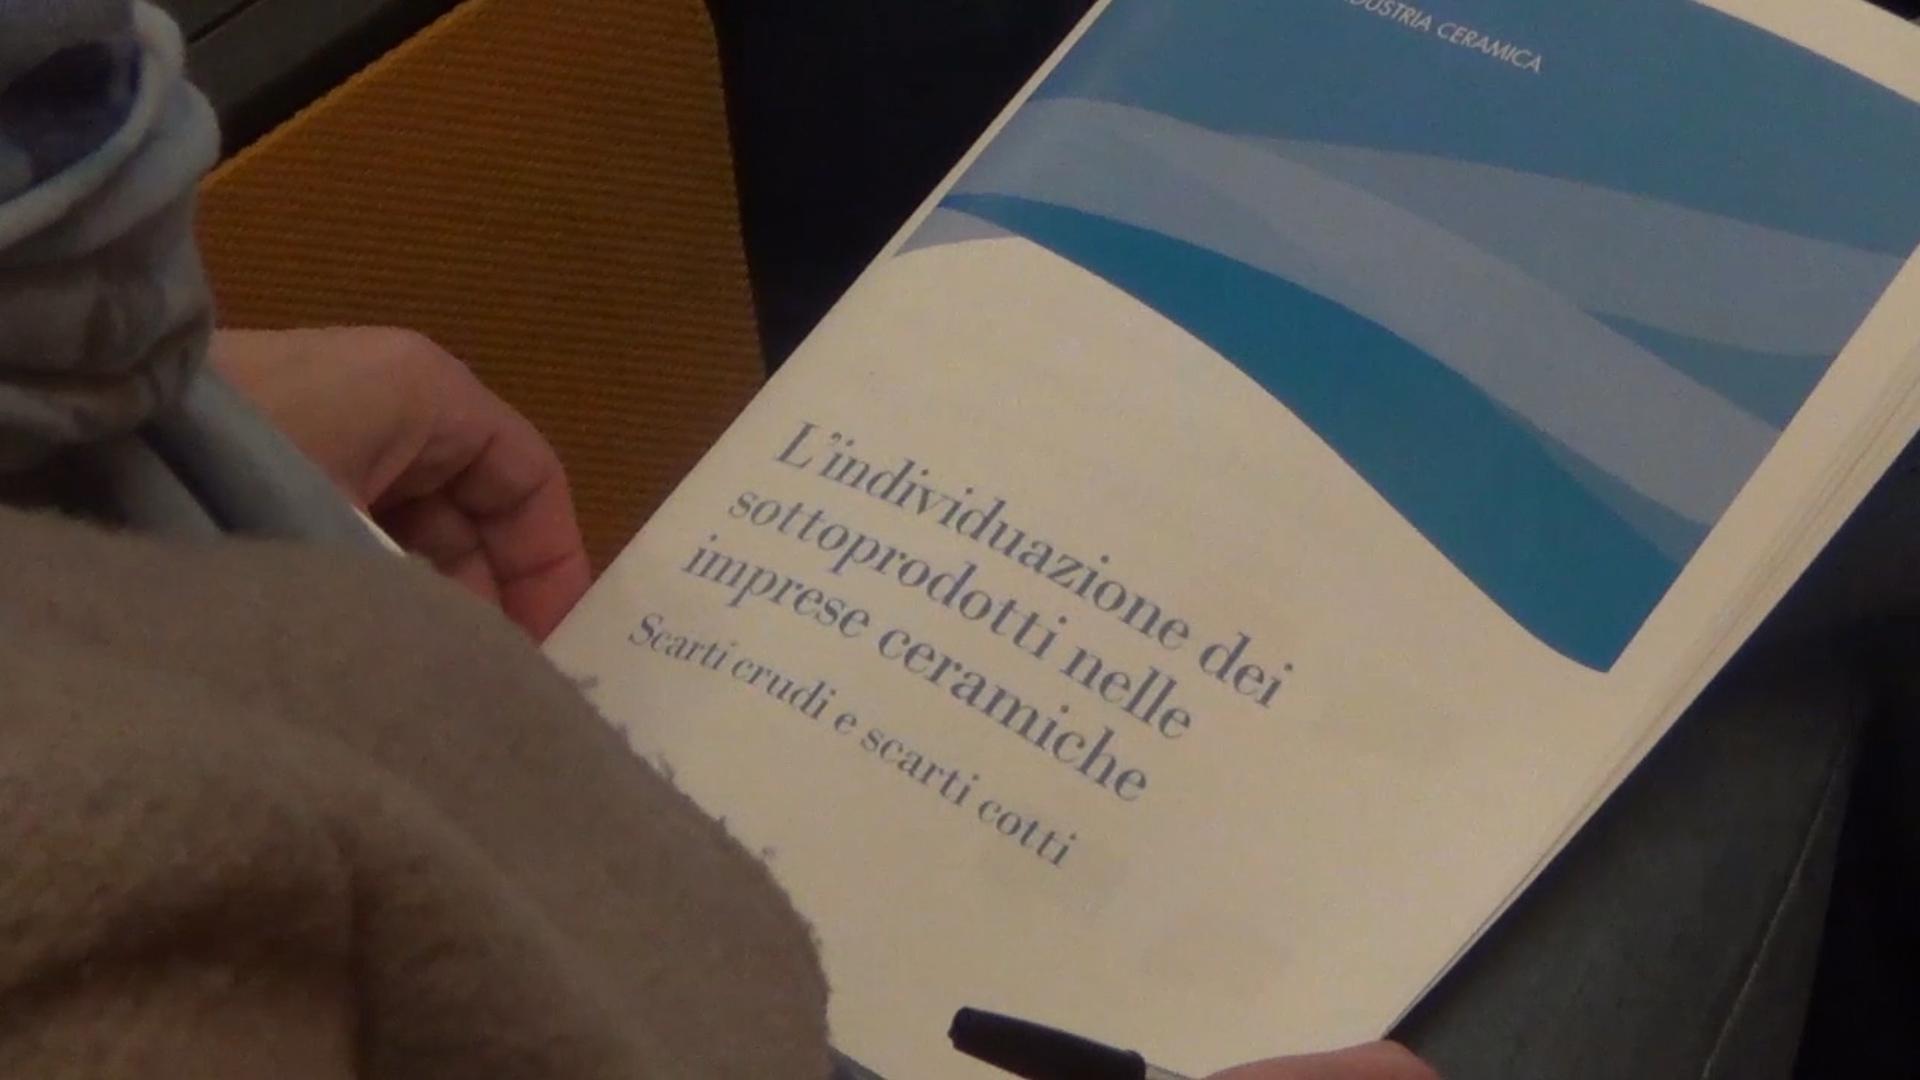 SOTTOPRODOTTI: REGIONE EMILIA-ROMAGNA LAVORA SUL PRIMO ELENCO